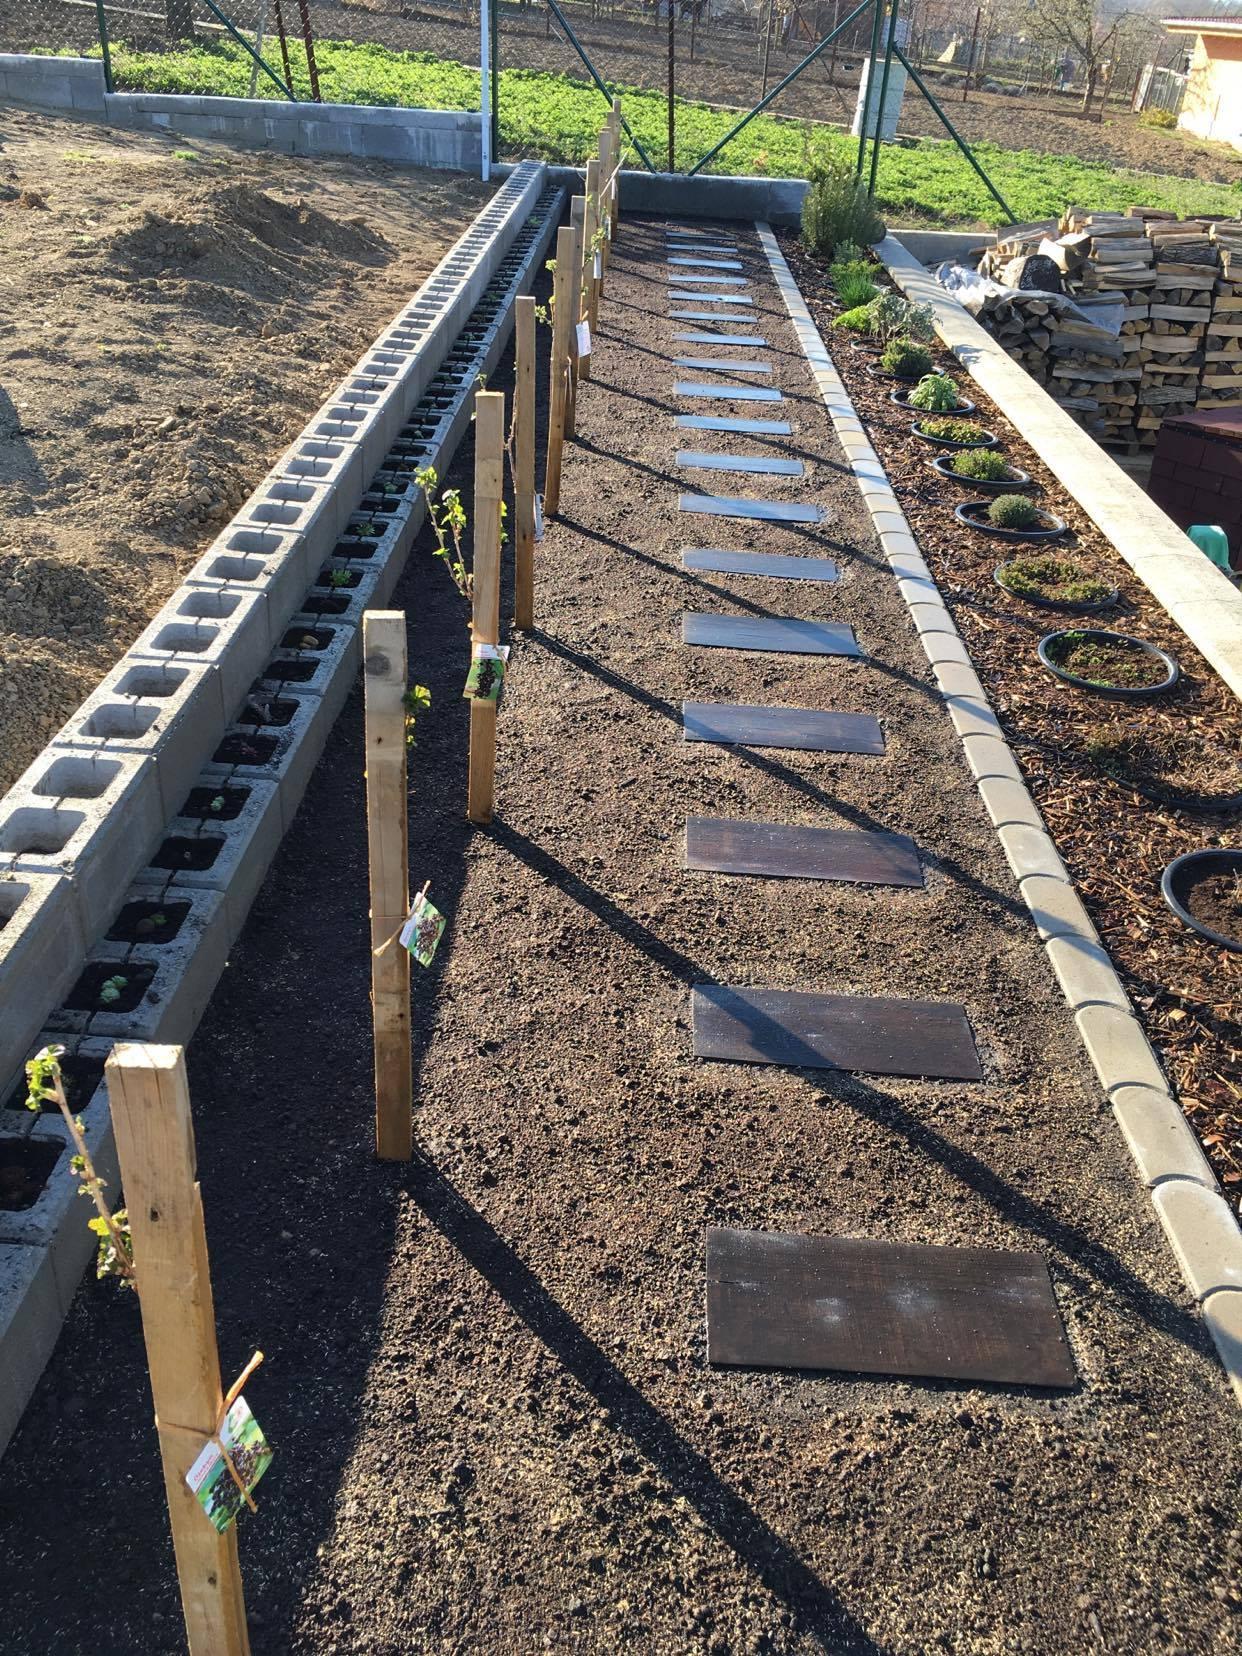 Exteriér - úžitková časť záhrady - ... šlapáky zapustené do zeme, trávička vysadená, tak nech krásne rastie :-)